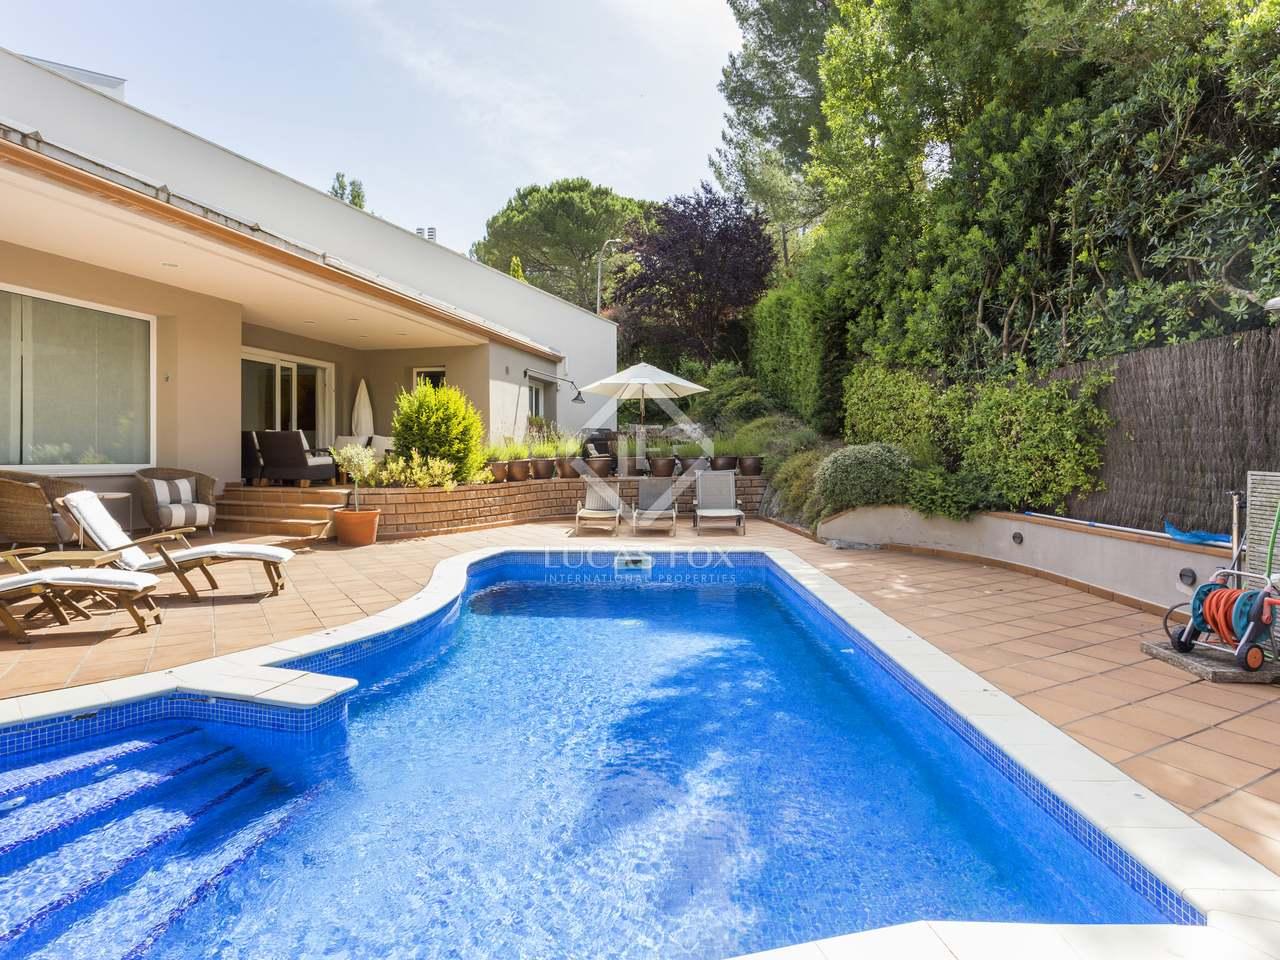 Casa de 434 m en venta en cerdanyola del vall s for Piscina cerdanyola